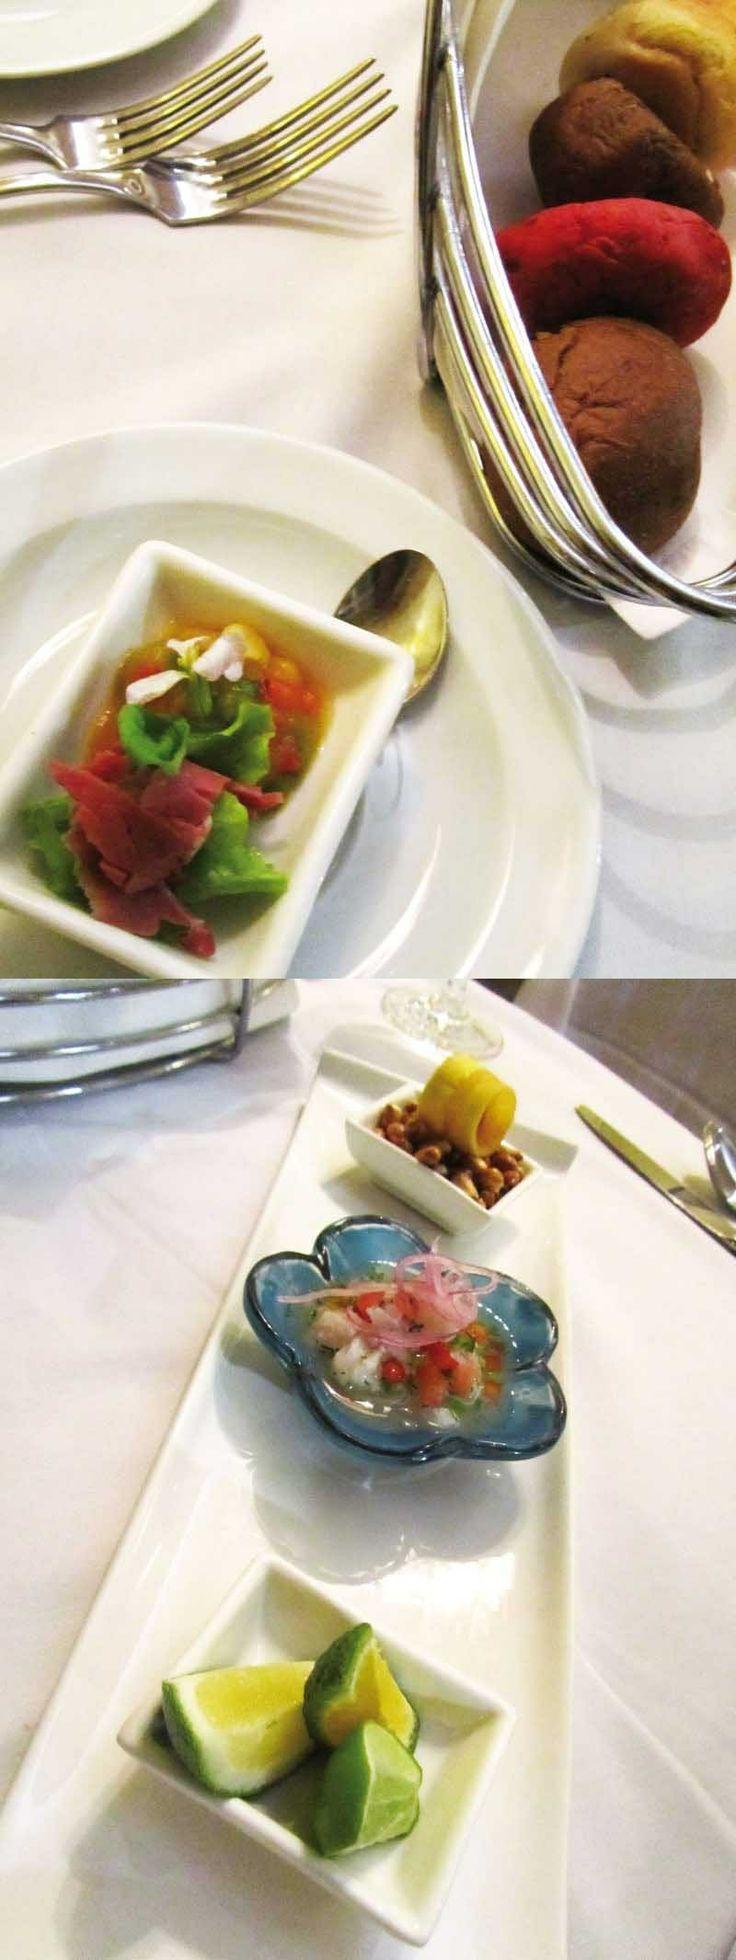 Descubre aquí el servicio que brinda @Metropolitan Touring en Ecuador y la experiencia vivida en el hotel boutique Casa Gangotena en #Quito  Aquí en el restaurante del hotel Casa Gangotena de Quito  http://www.placeok.com/agencia-de-viajes-de-ecuador-metropolitan-touring/